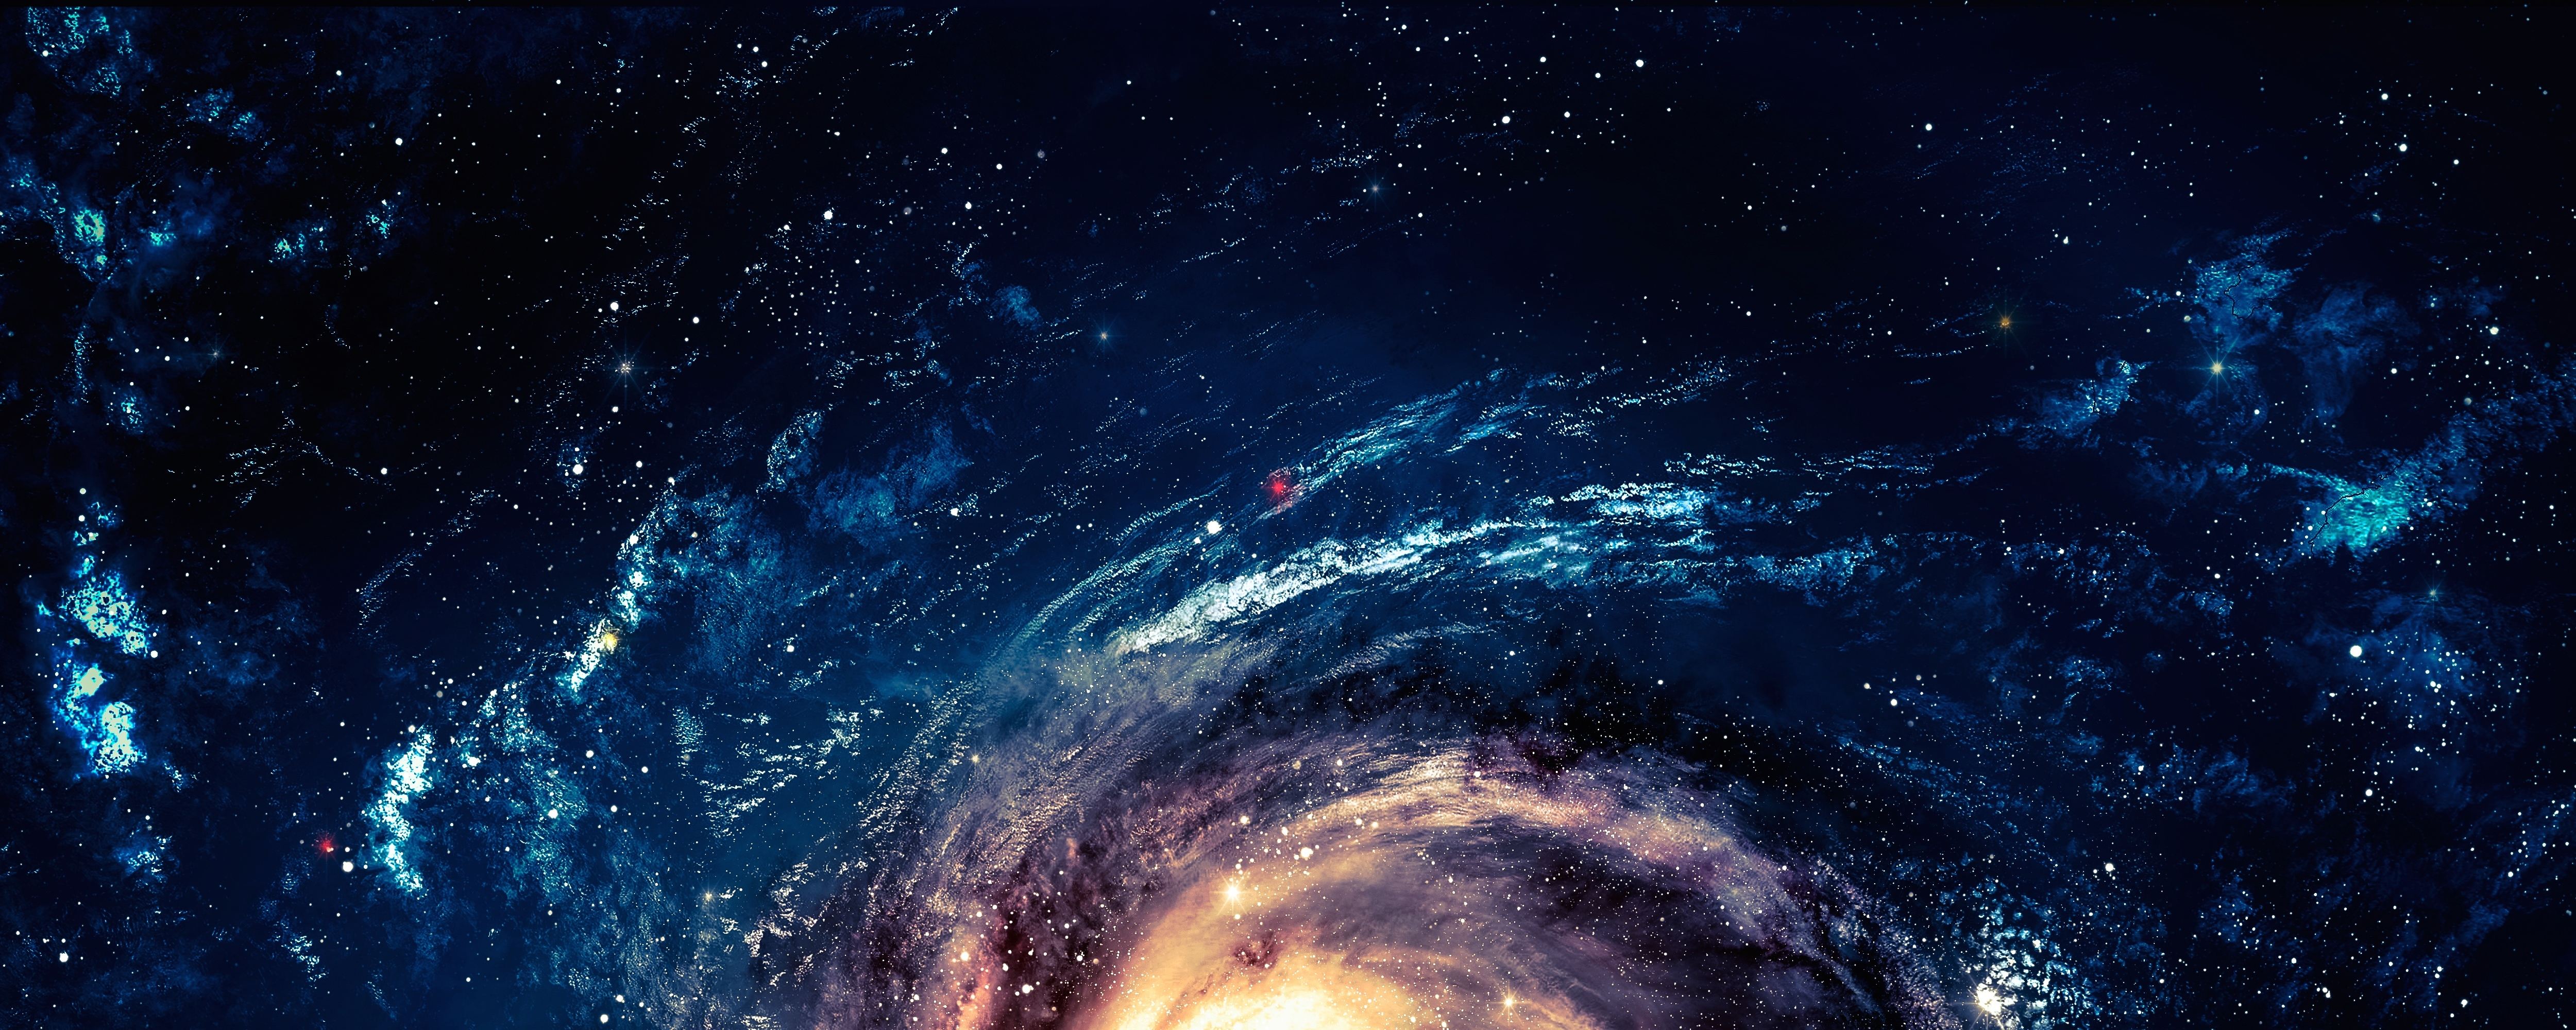 Обои галактика космос свет картинки на рабочий стол на тему Космос - скачать  № 1758621 бесплатно